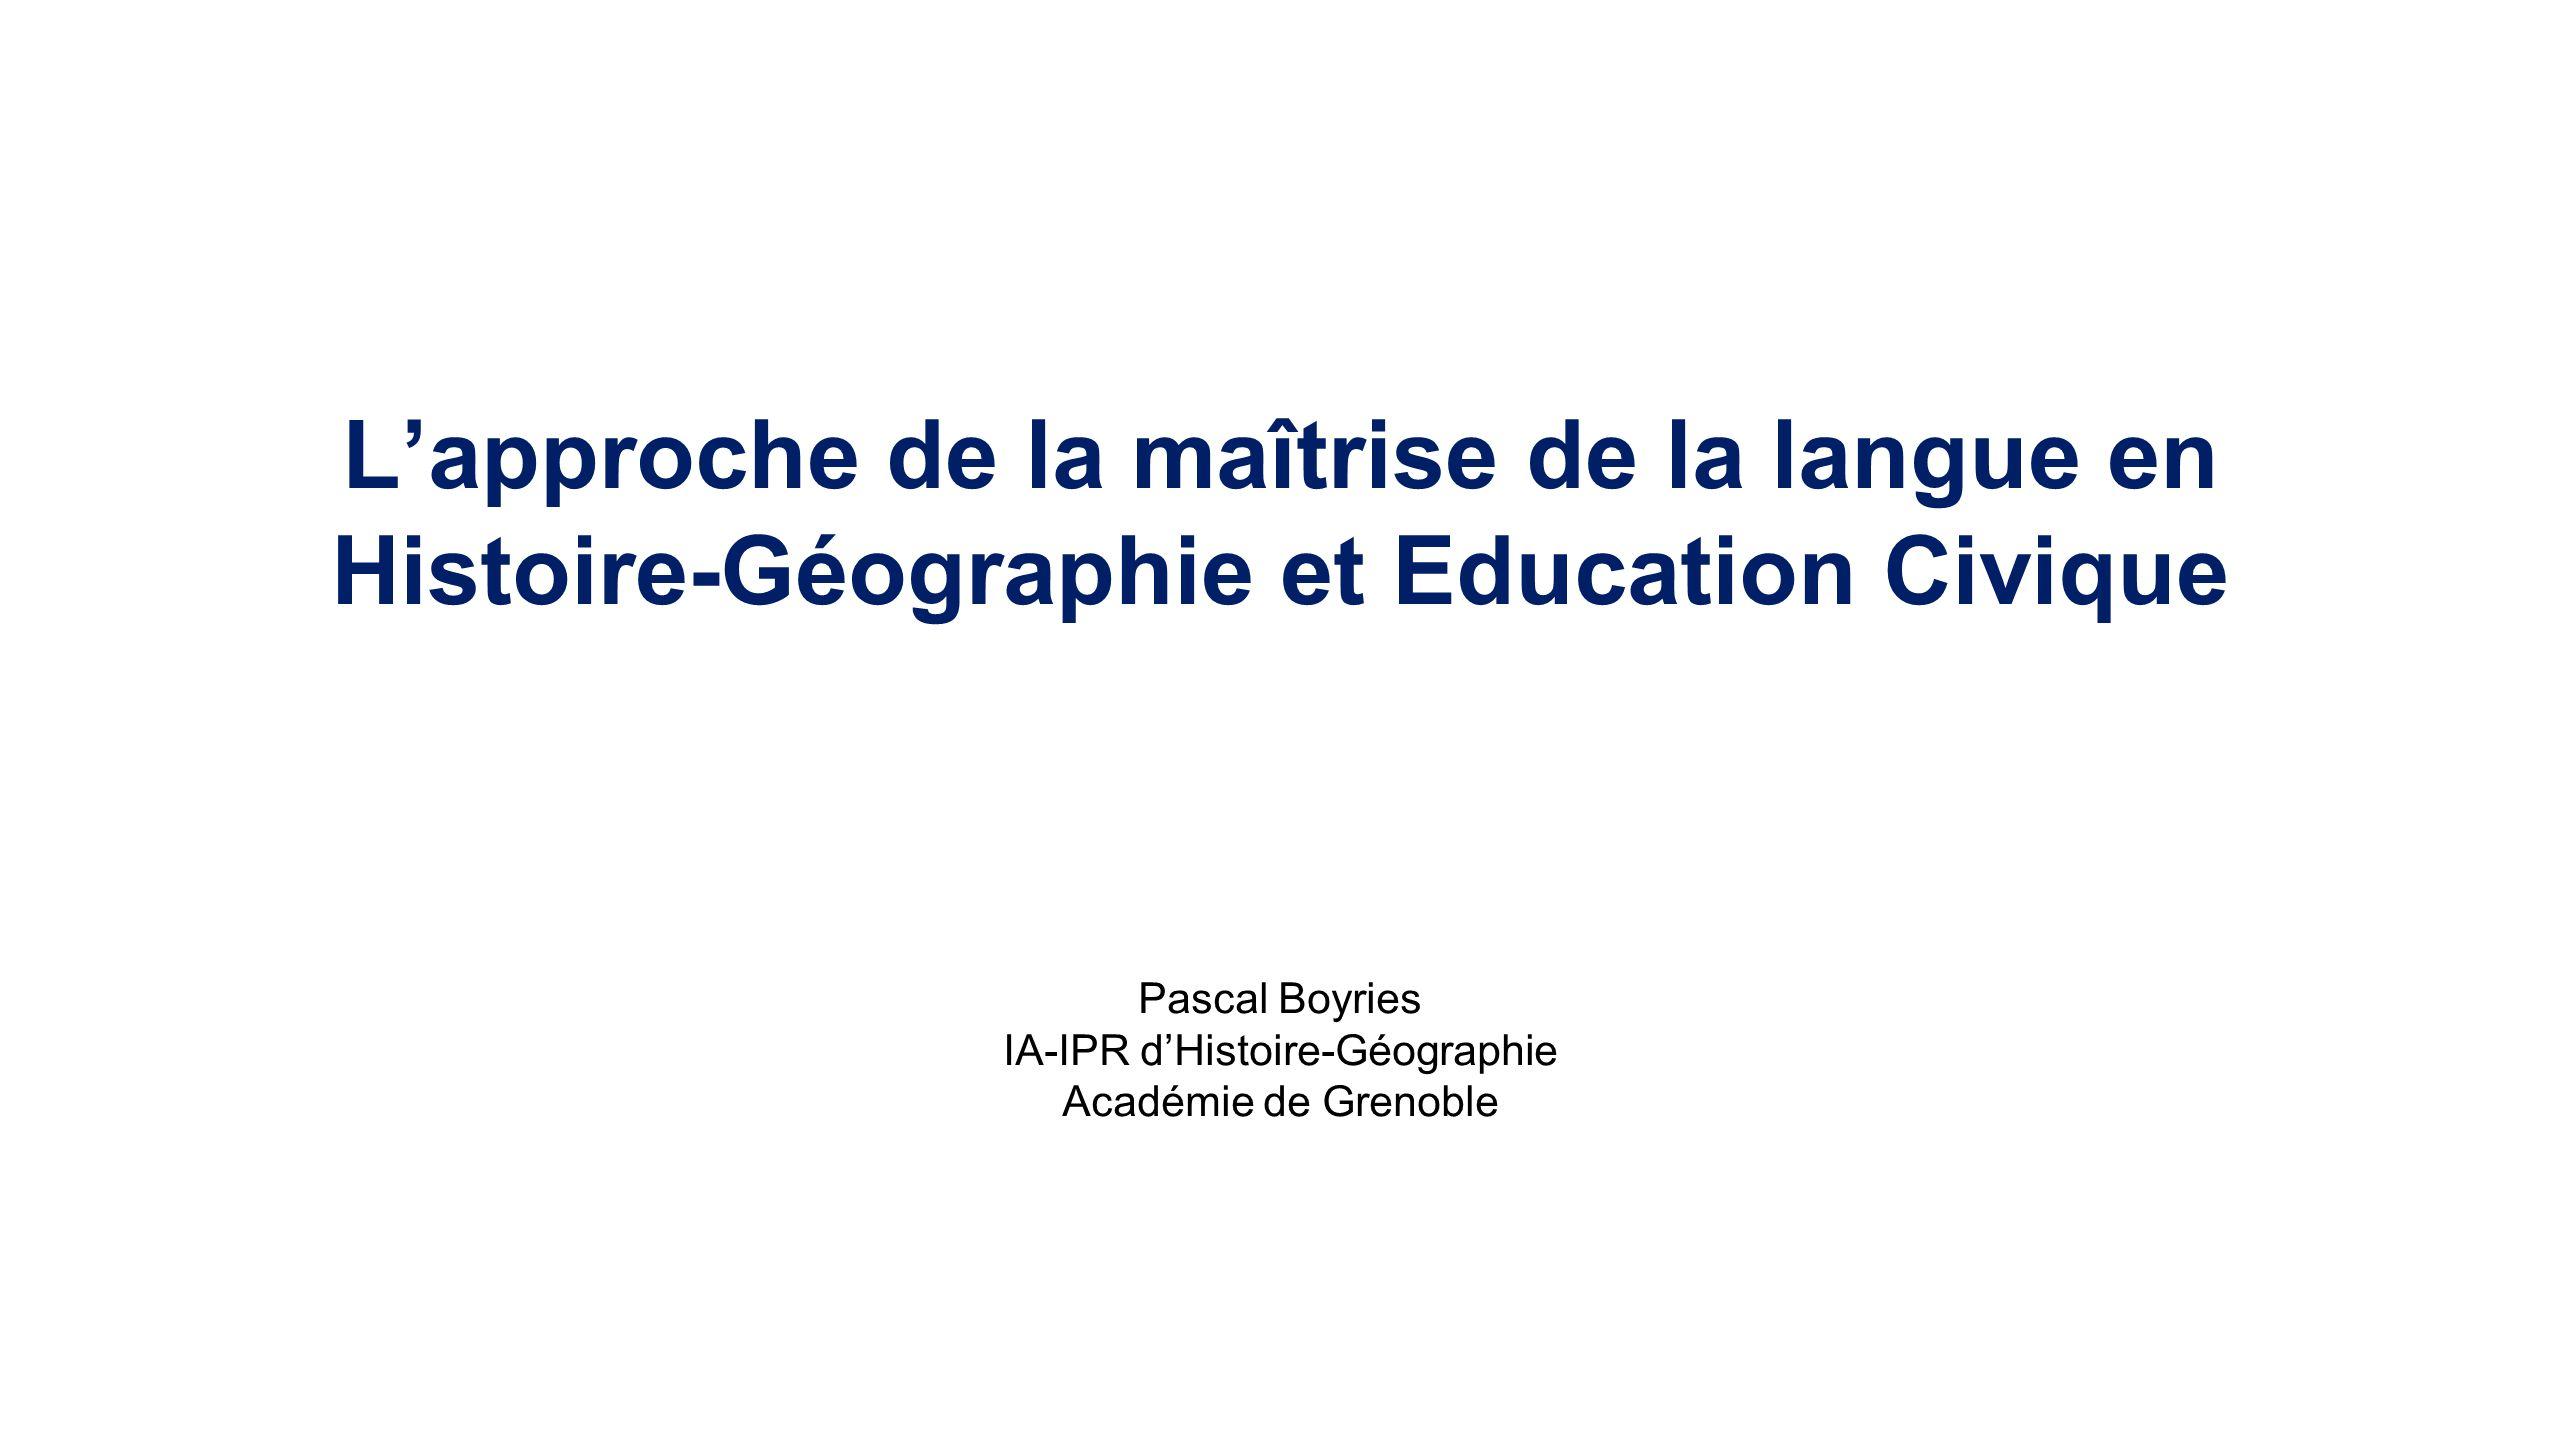 Lapproche de la maîtrise de la langue en Histoire-Géographie et Education Civique Pascal Boyries IA-IPR dHistoire-Géographie Académie de Grenoble